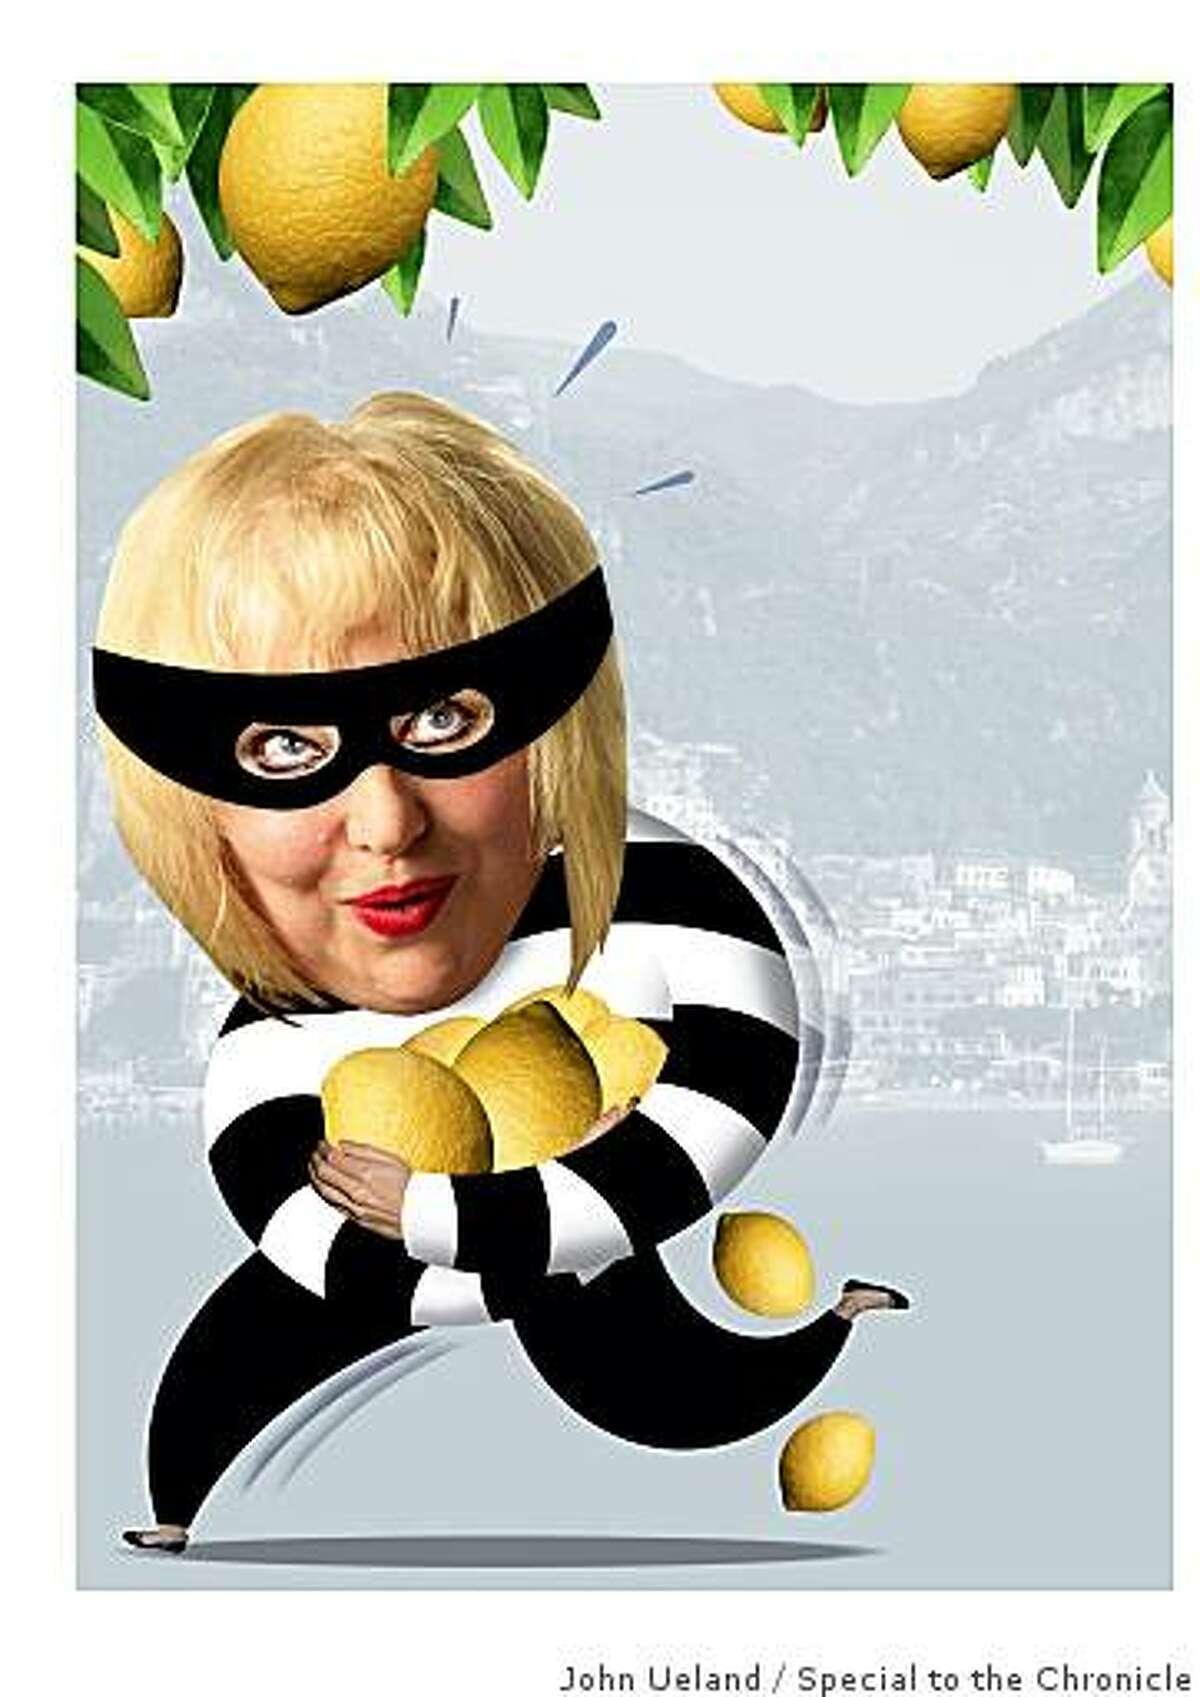 Marlena Spieler stealing her beloved Meyer lemons in Sorrento, Italy.Illustration by John Ueland